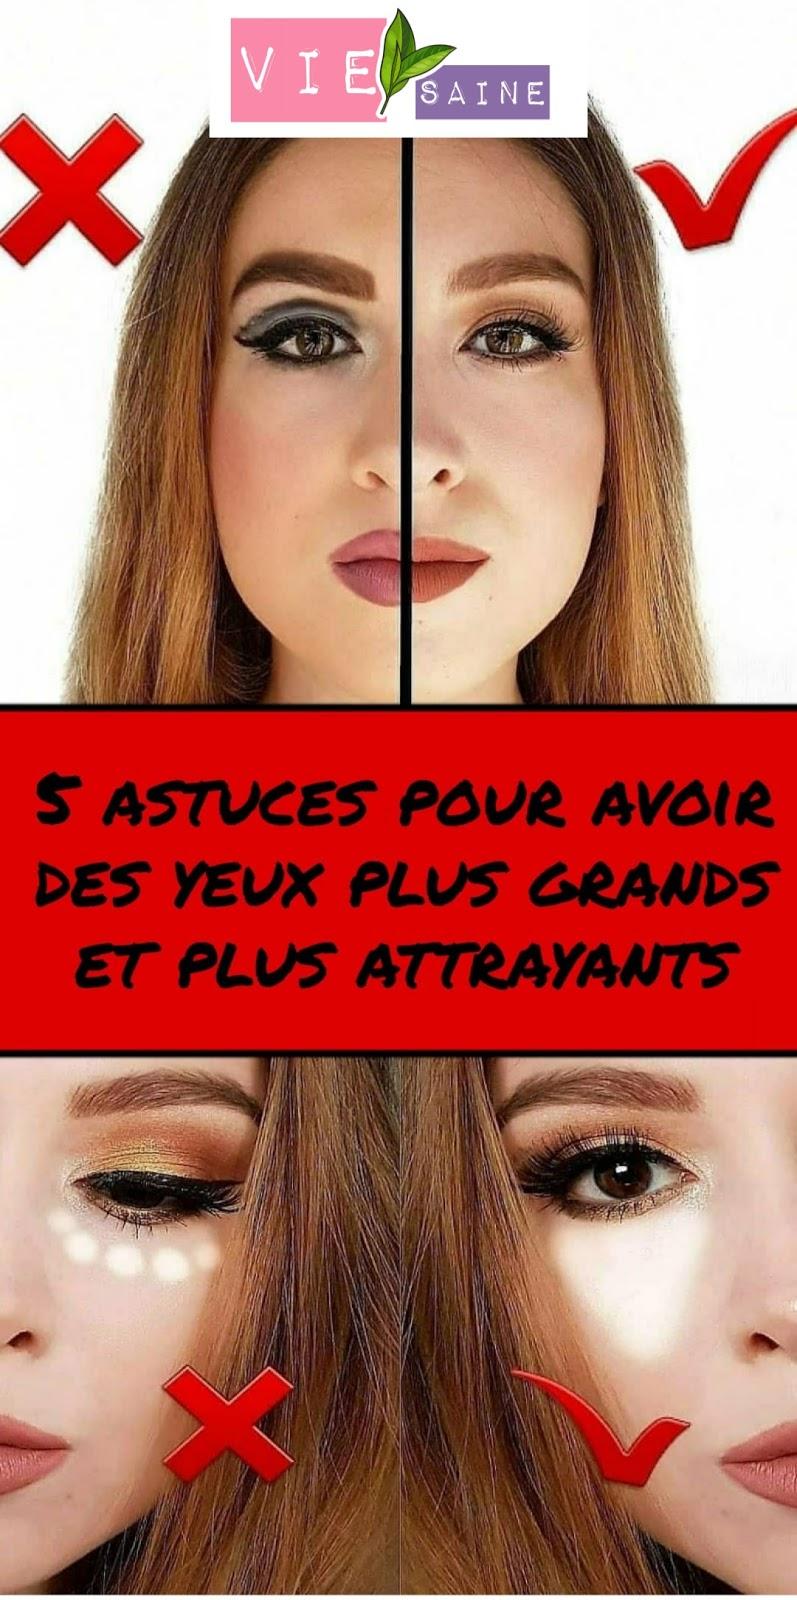 5 astuces pour avoir des yeux plus grands et plus attrayants